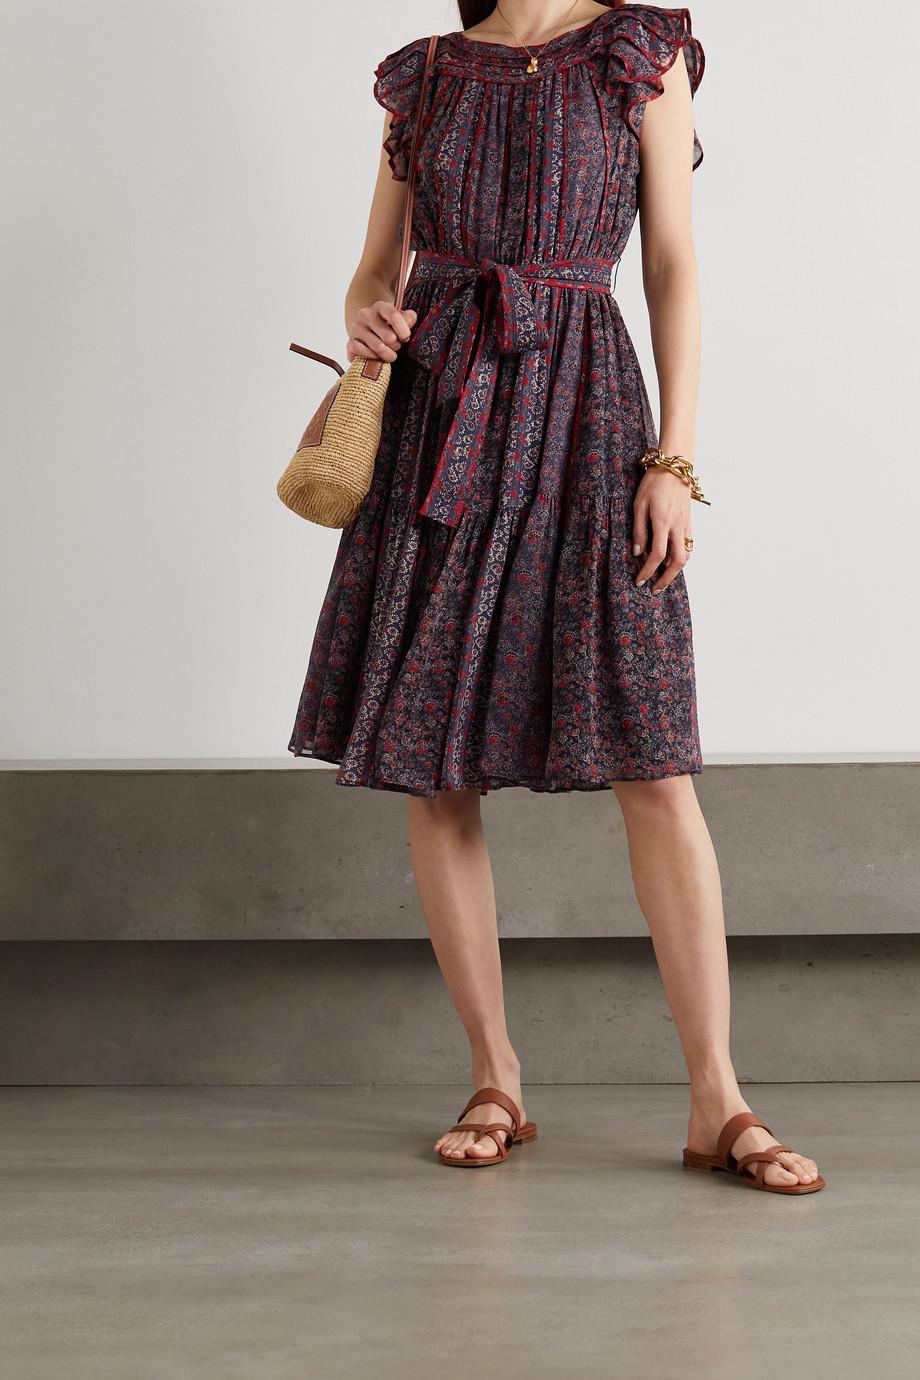 Ulla Johnson Callista Kleid aus Seide mit Blumenprint, Raffungen und Bindegürtel